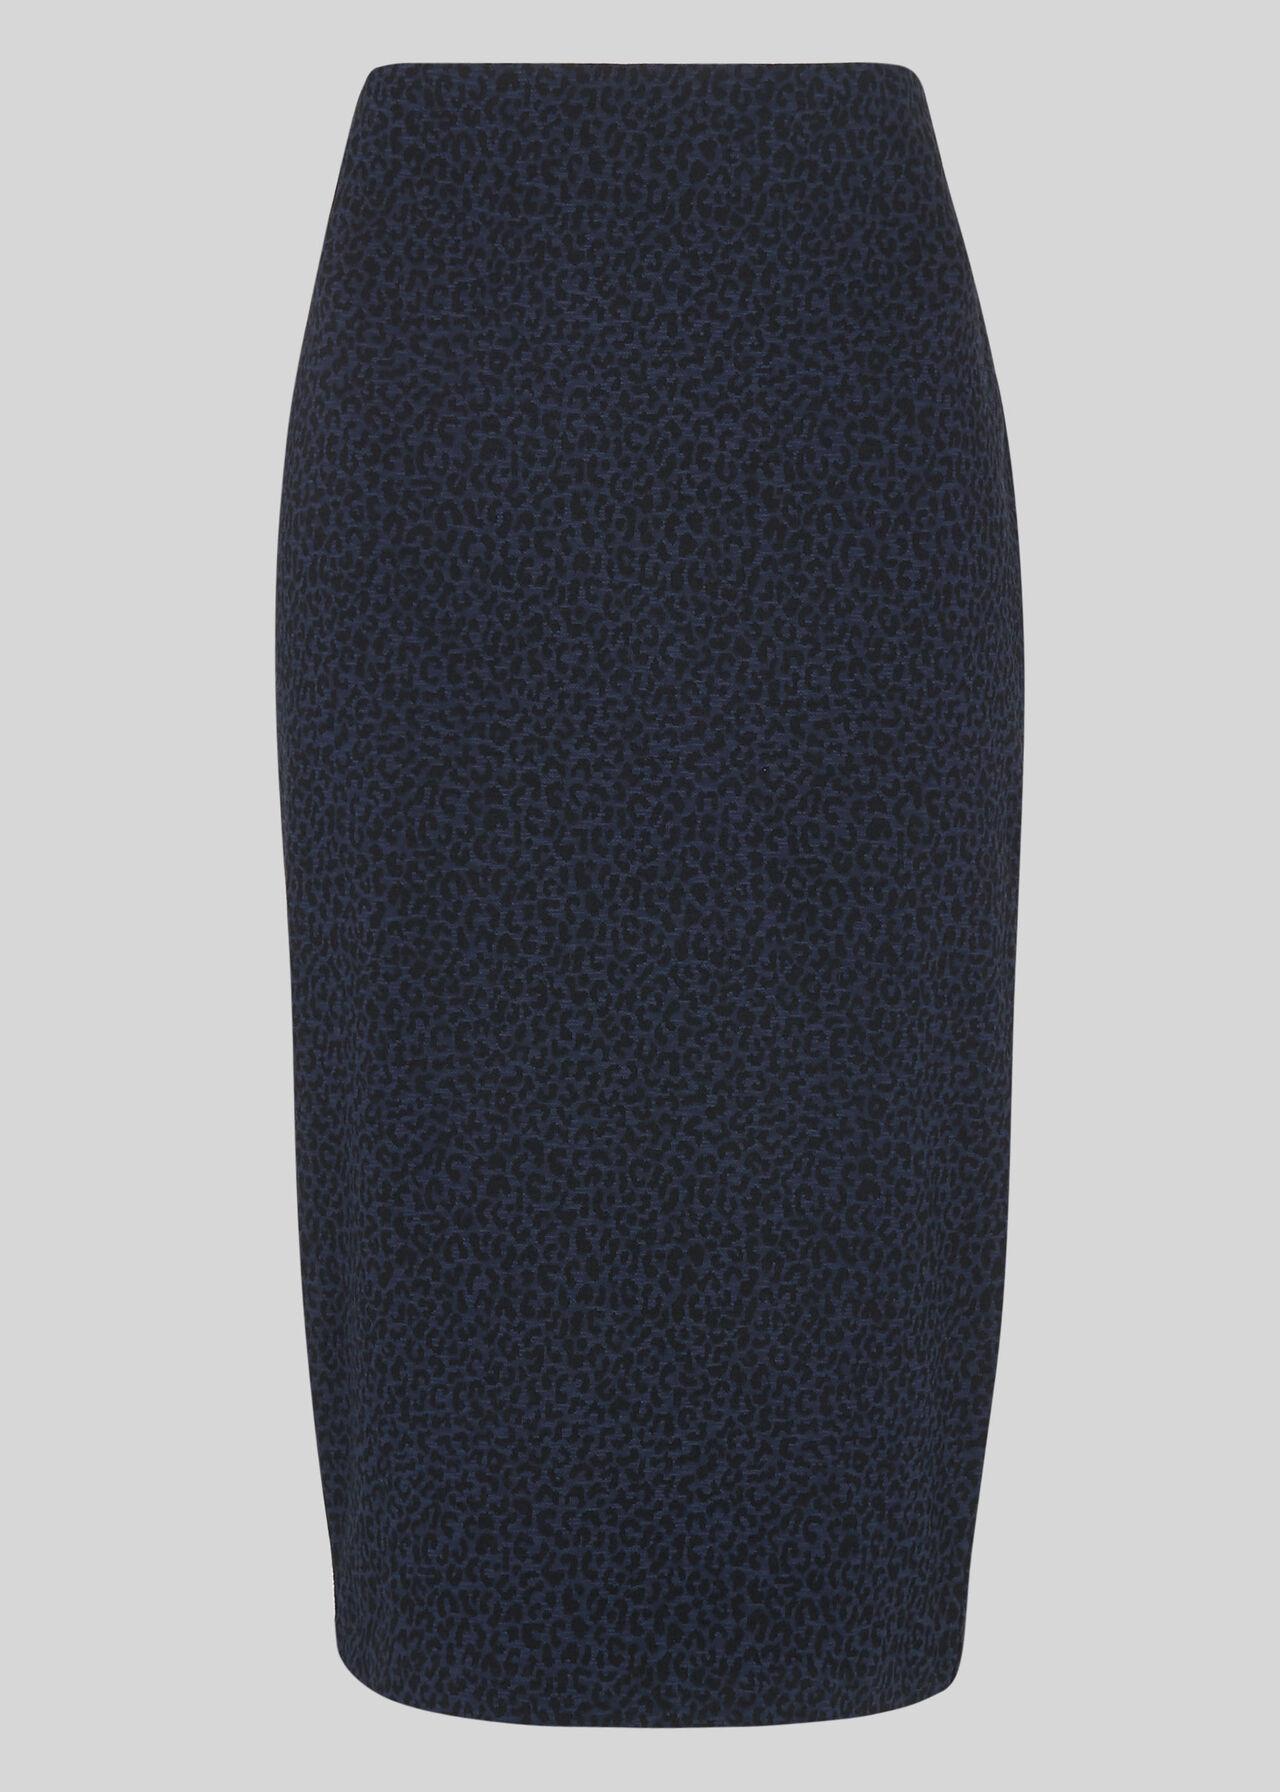 Animal Jersey Tube Skirt Navy/Multi